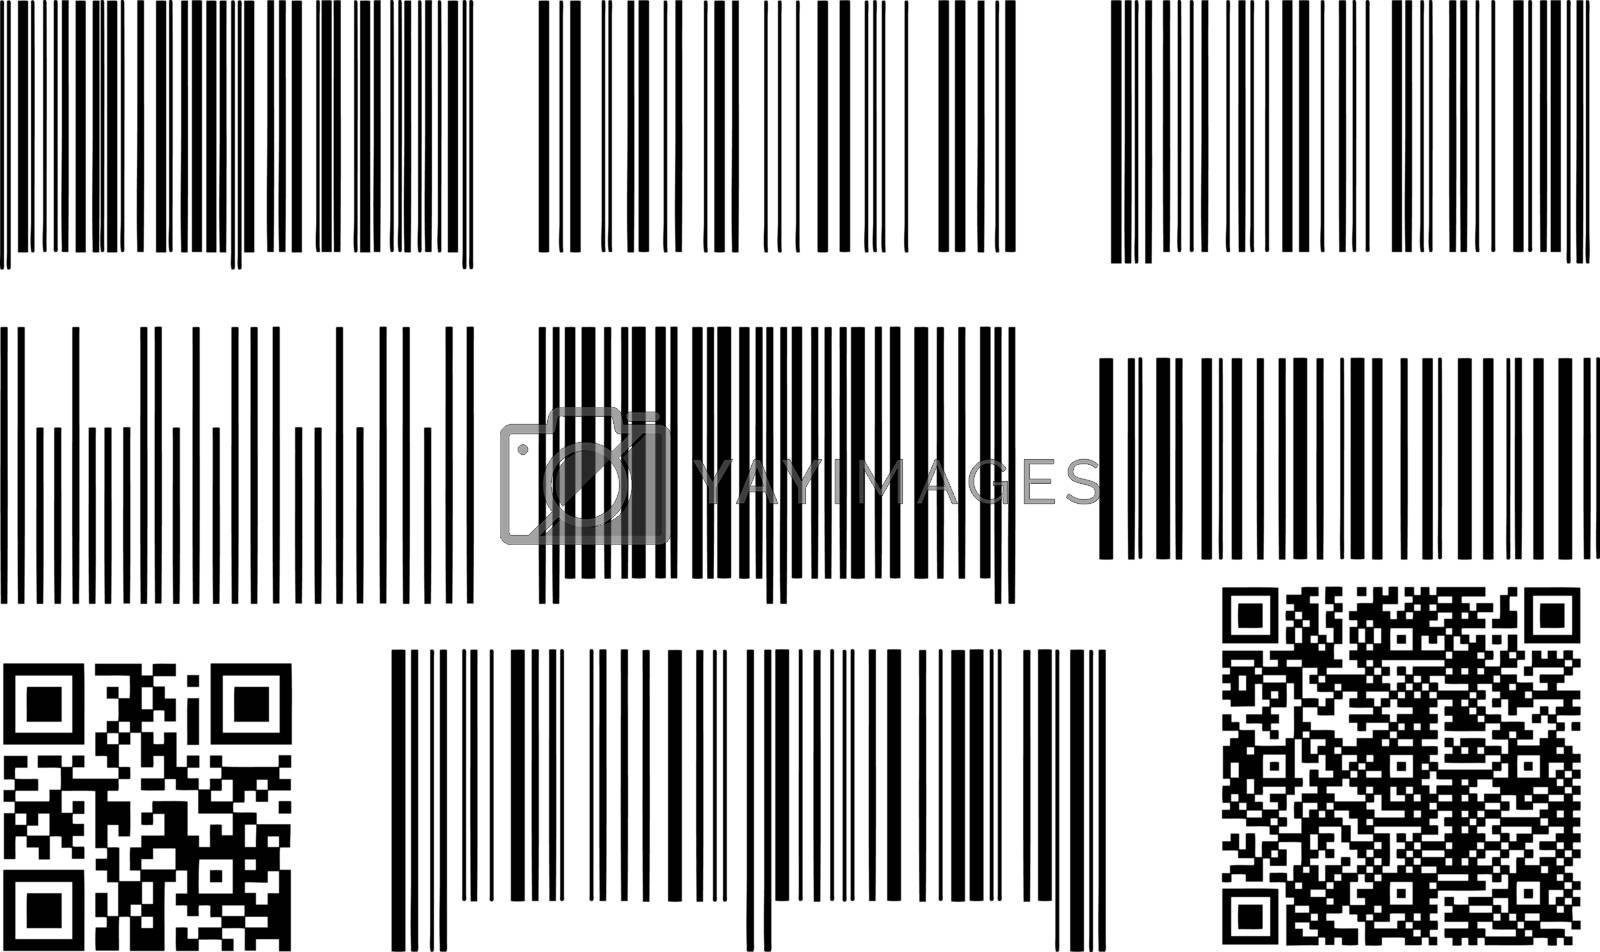 QR codes and bar codes